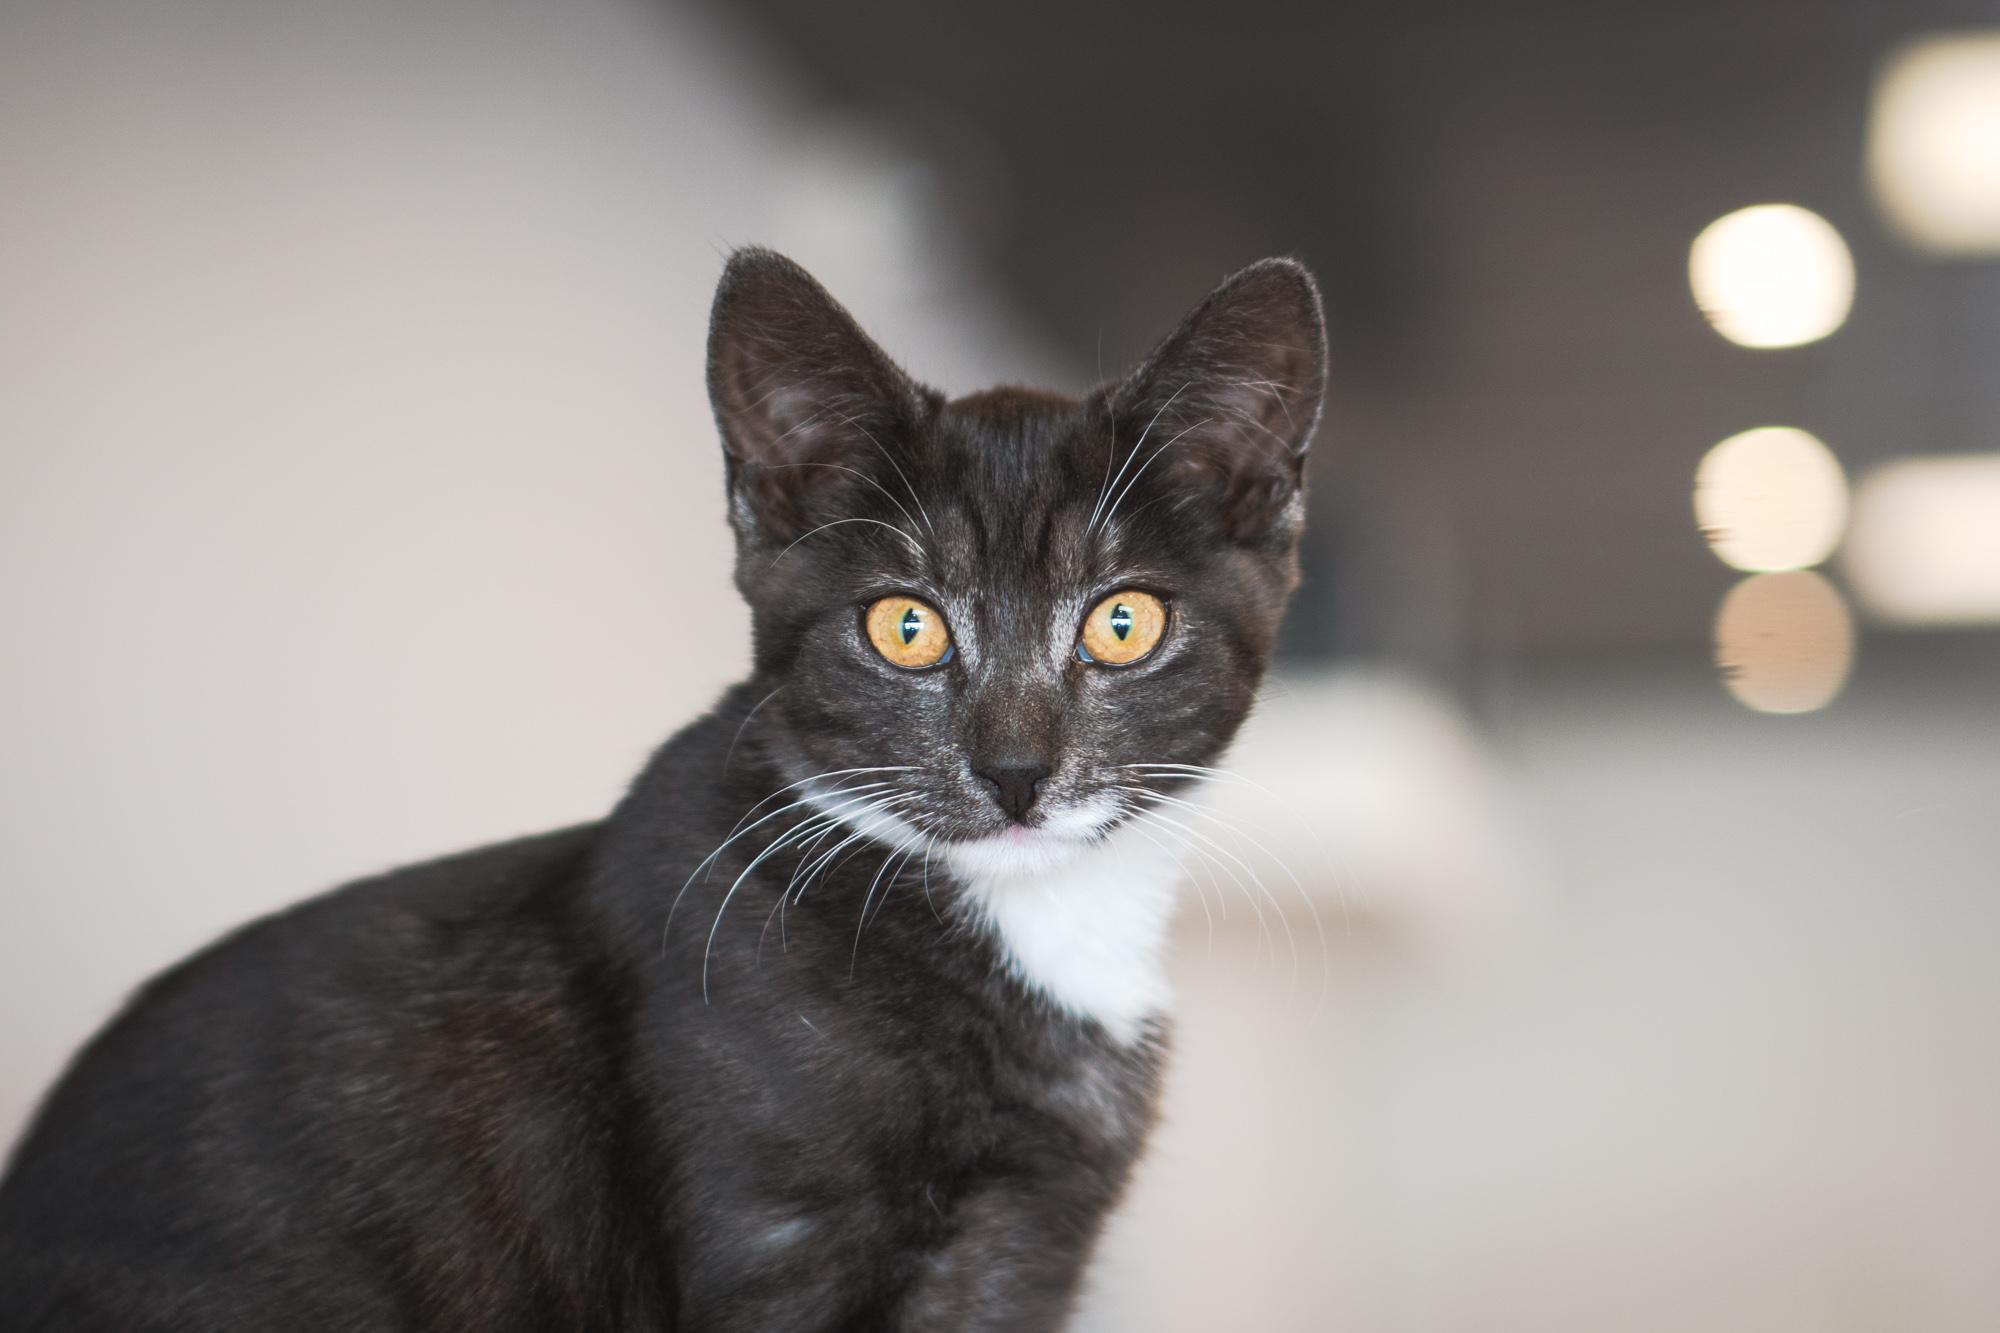 Freya - Adopted 23/4/19